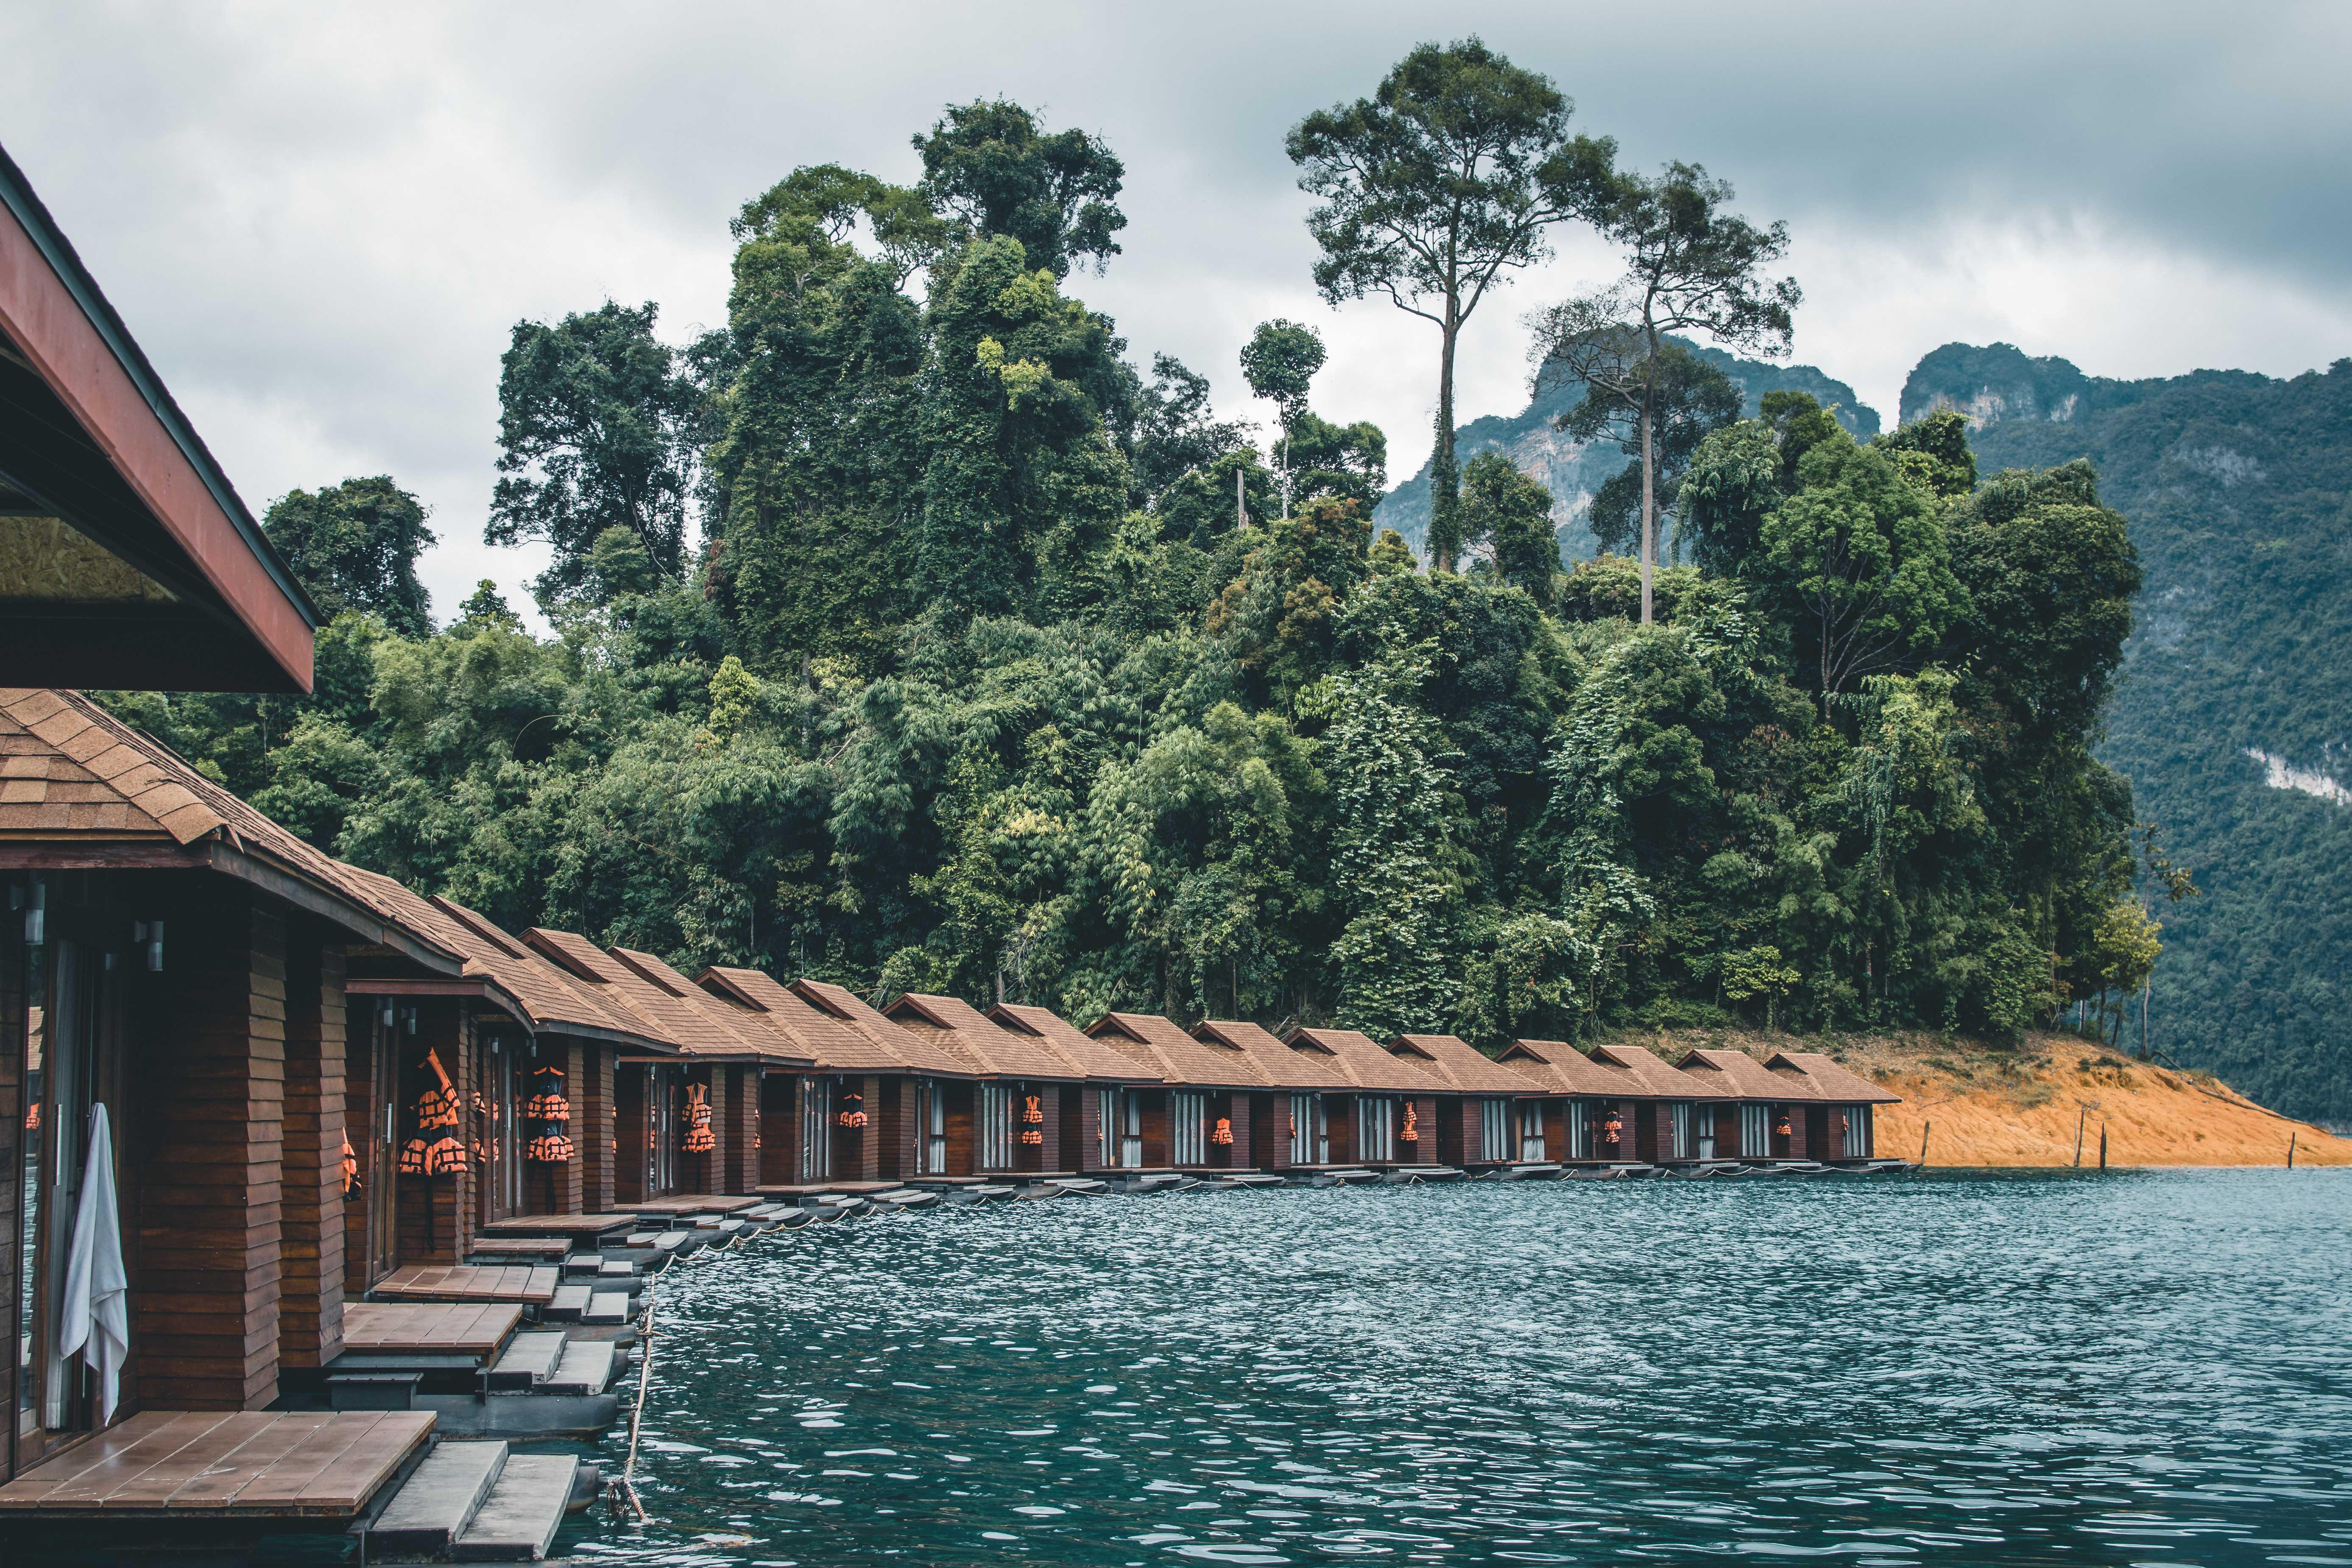 domki nawodzie Khao Sok